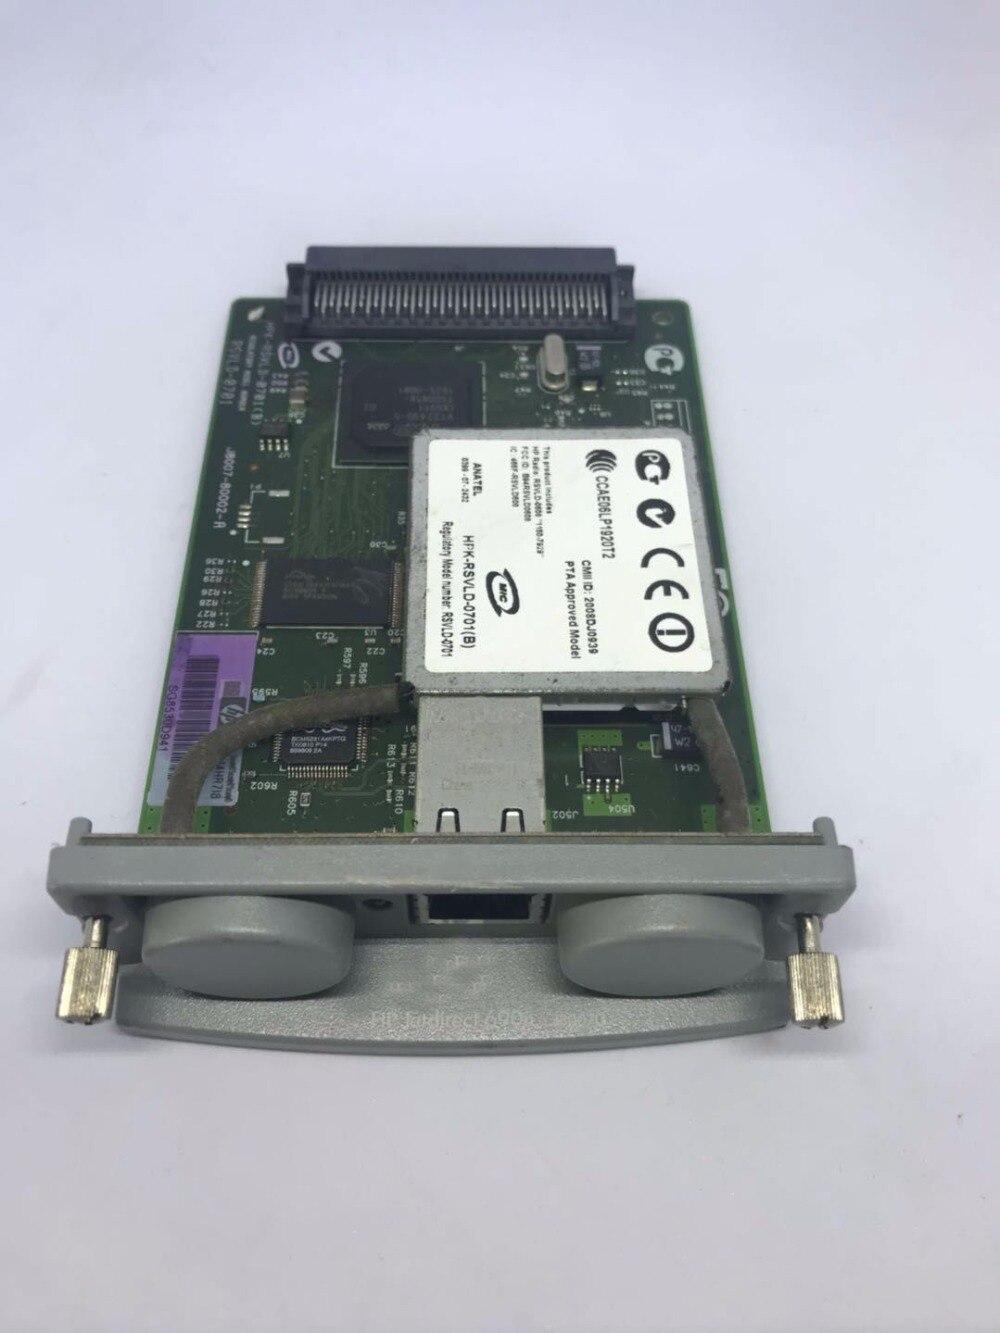 for HP 690n Scanjet J8007-61005 J8007-69001 J8007-69004 JetDirect networkcard 218 0697010 218 0697012 218 0697016 218 0697031